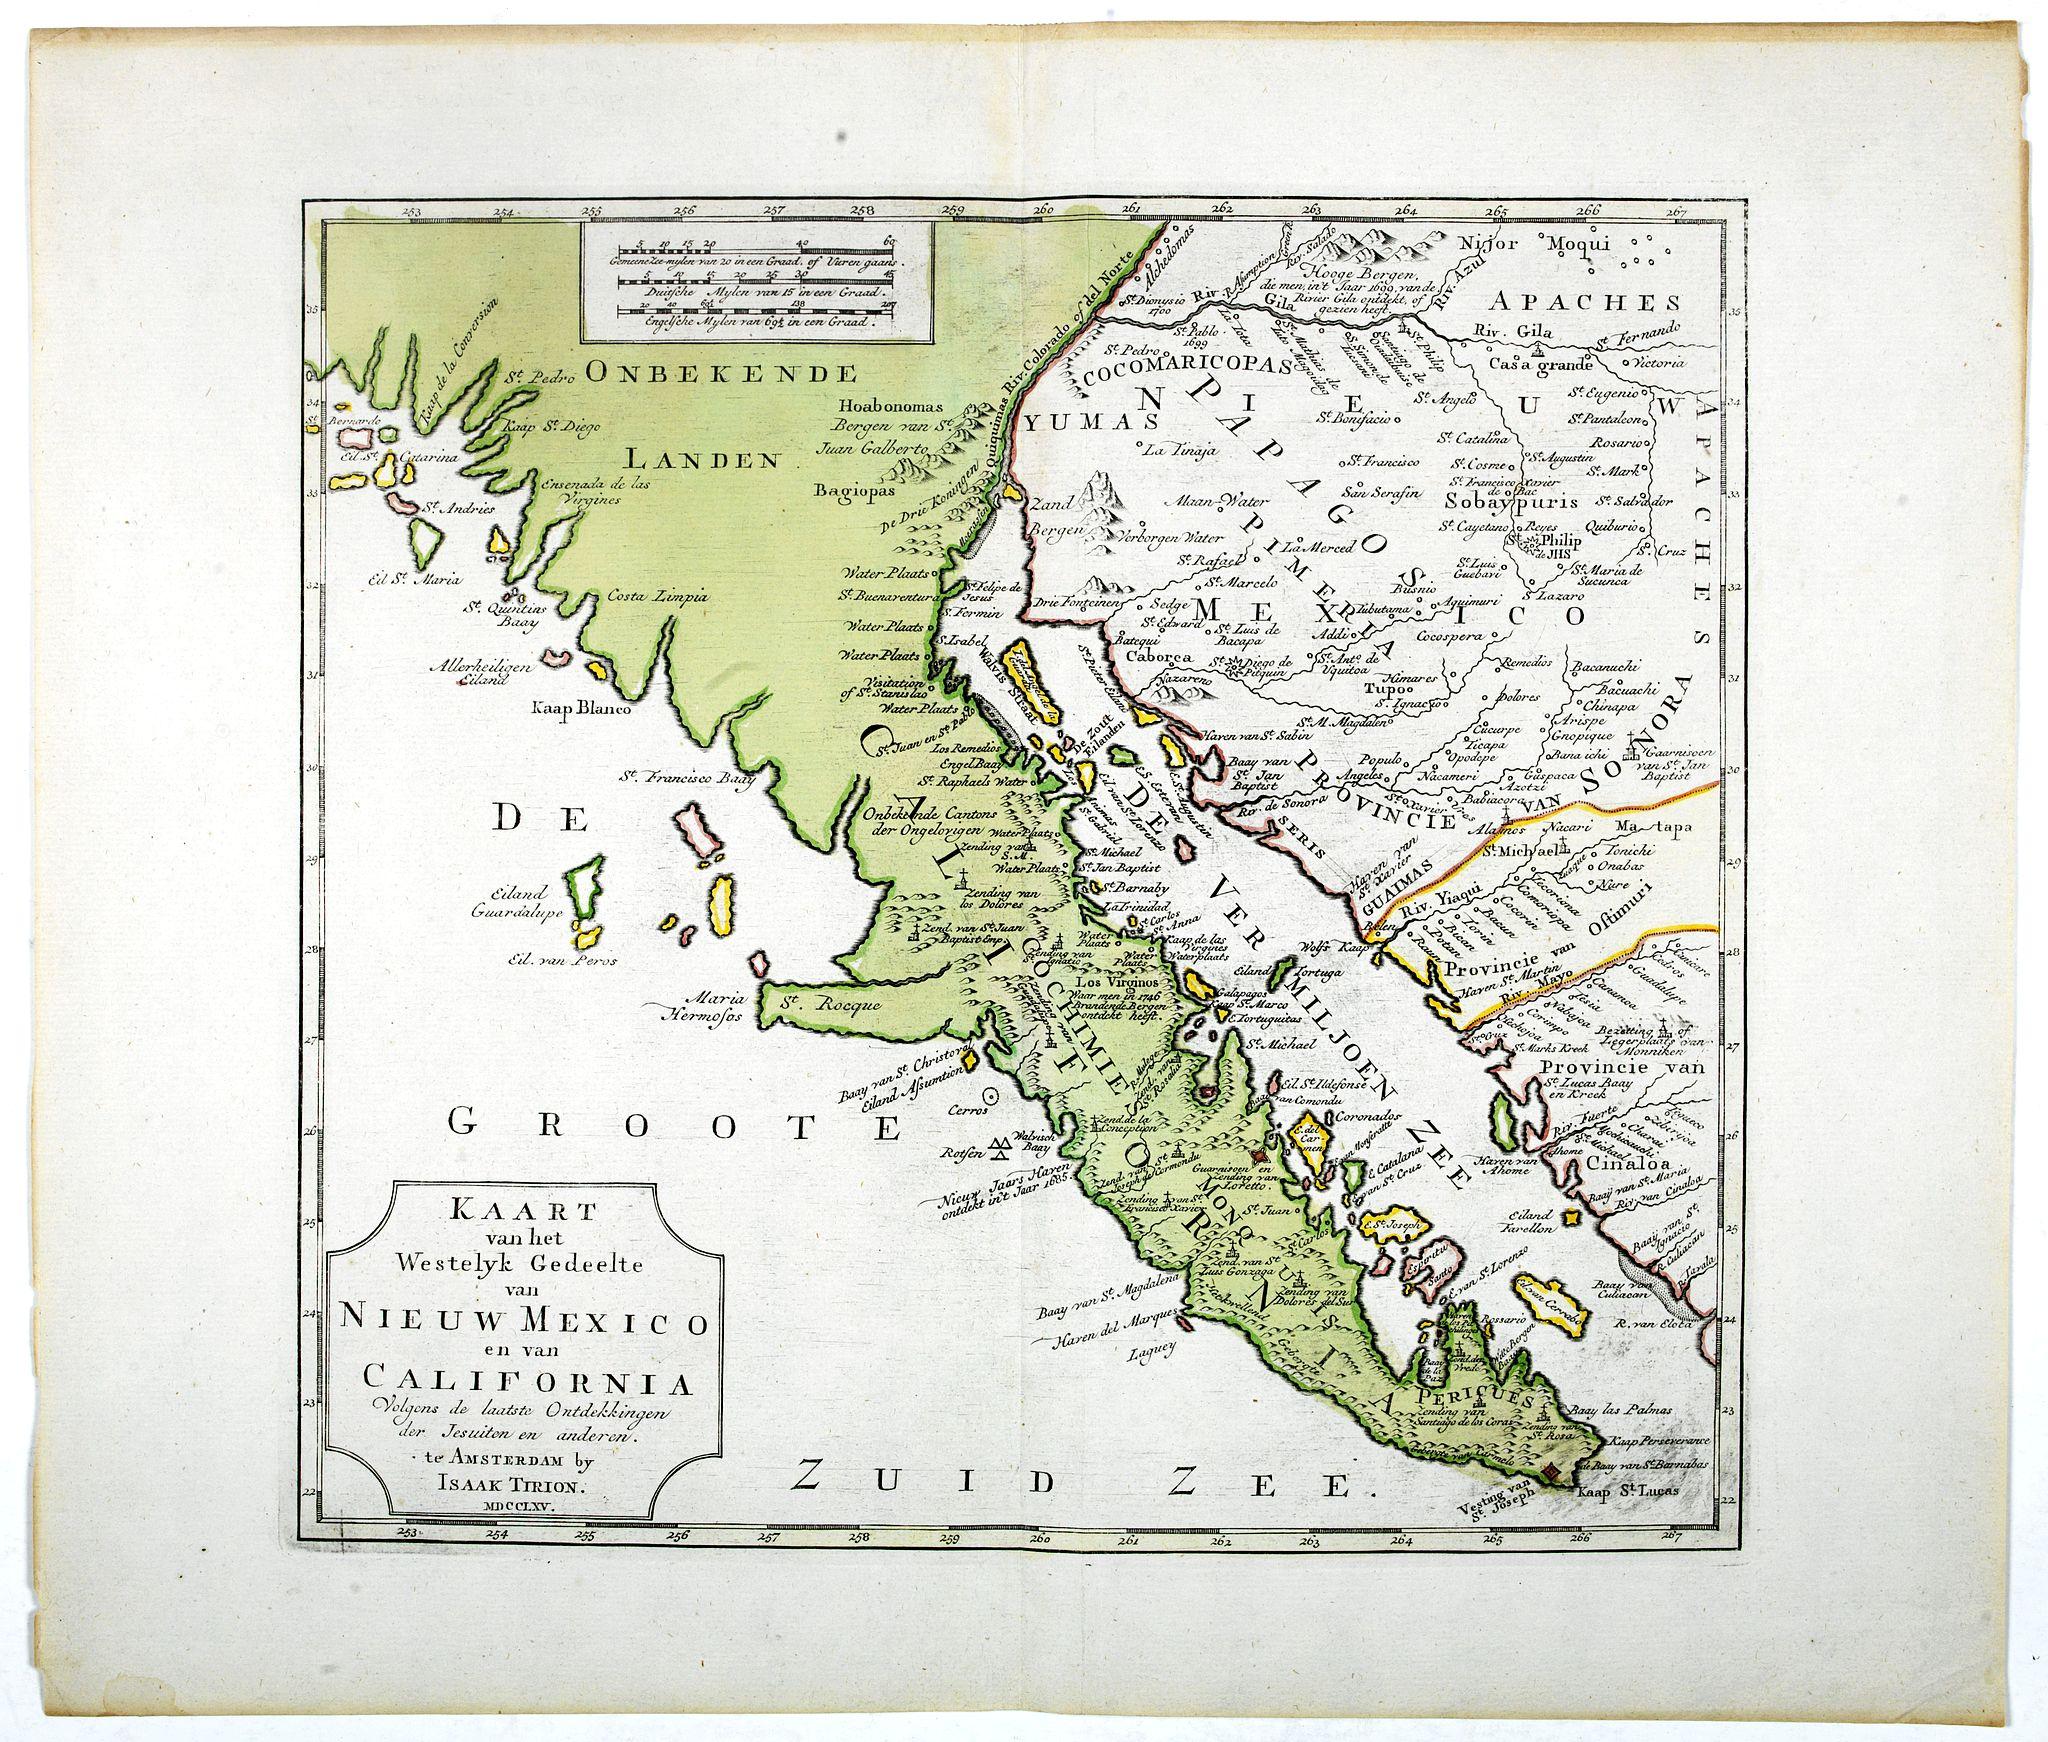 TIRION, I. -  Kaart van het Westelyk Gedeelte van Nieuw Mexico en van California. . . MDCCLXV ..